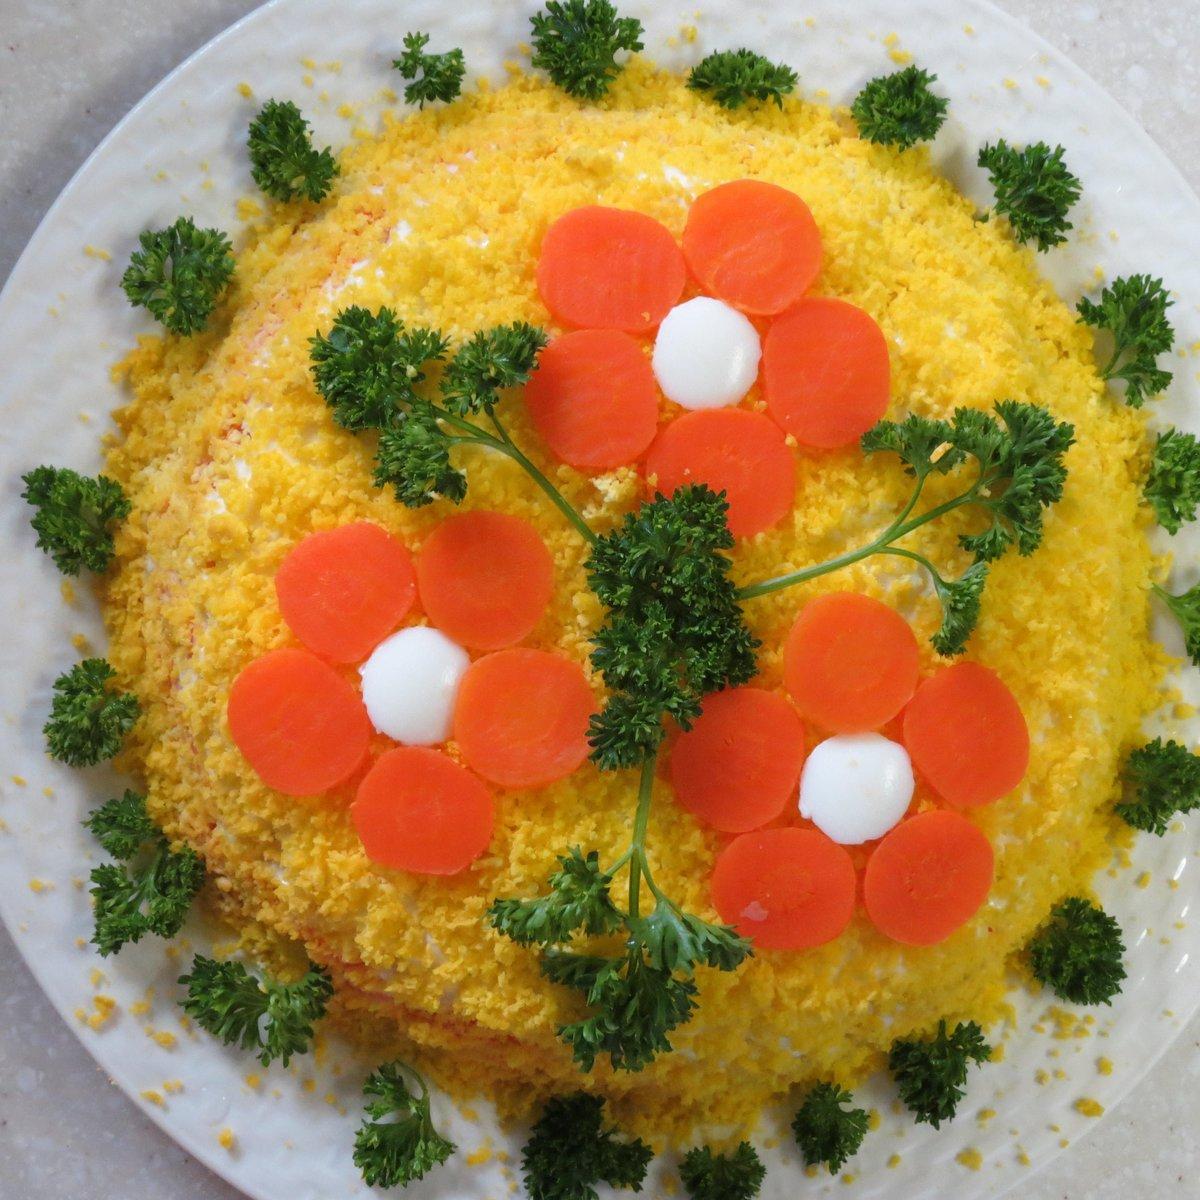 заставку как оформить салат картинки окольцовкой усатой